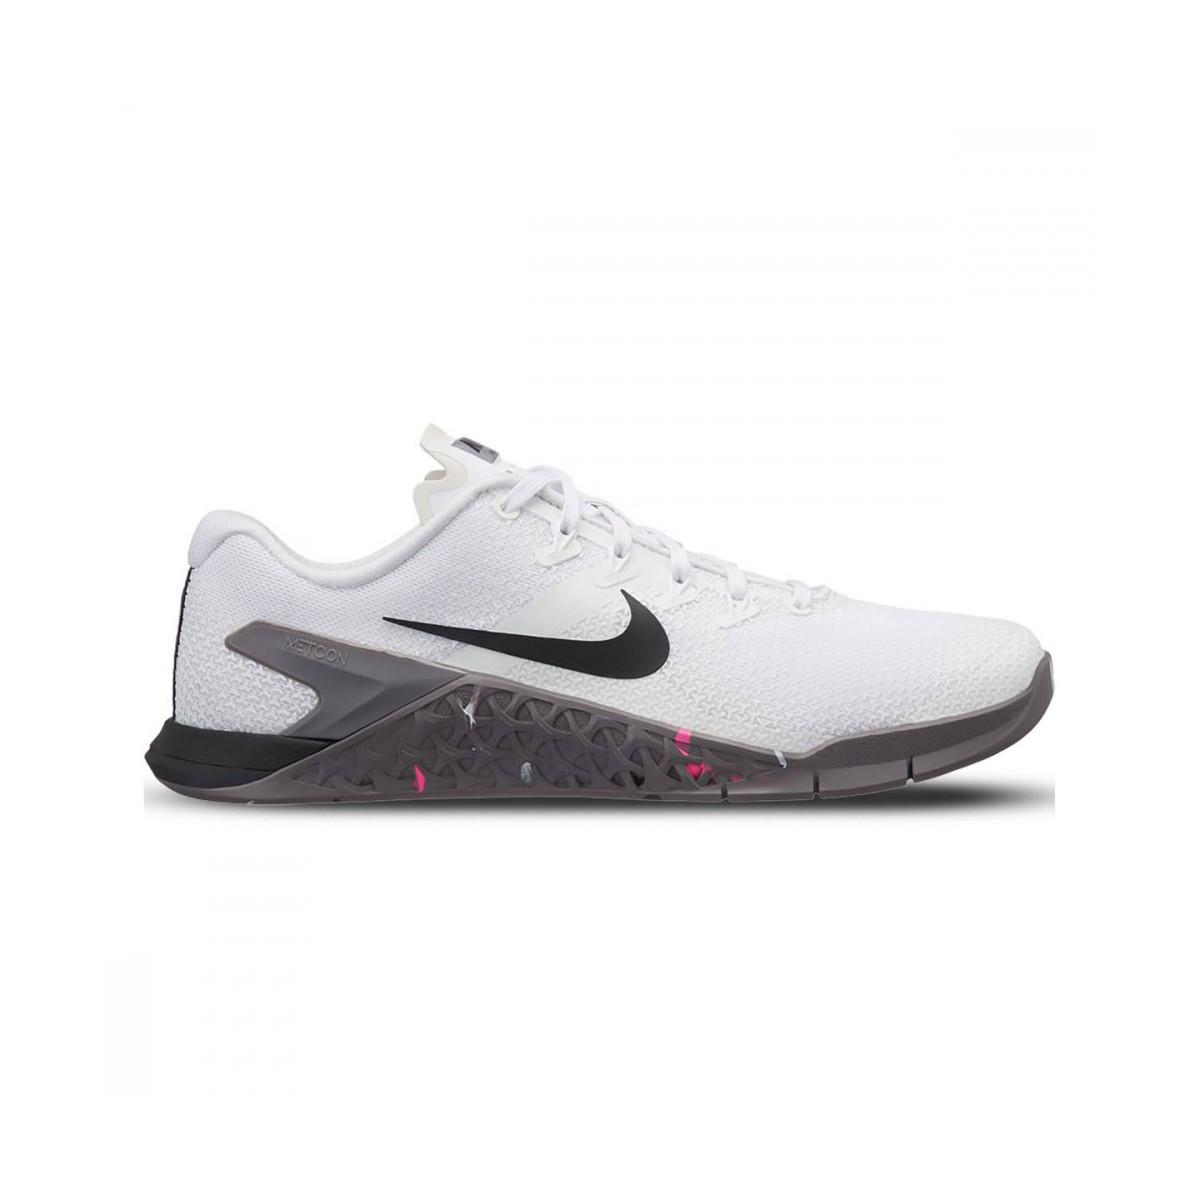 Scarpa Training Nike Donna Scarpe Bianco 4 Wom 105 924593 Metcon qrqdz